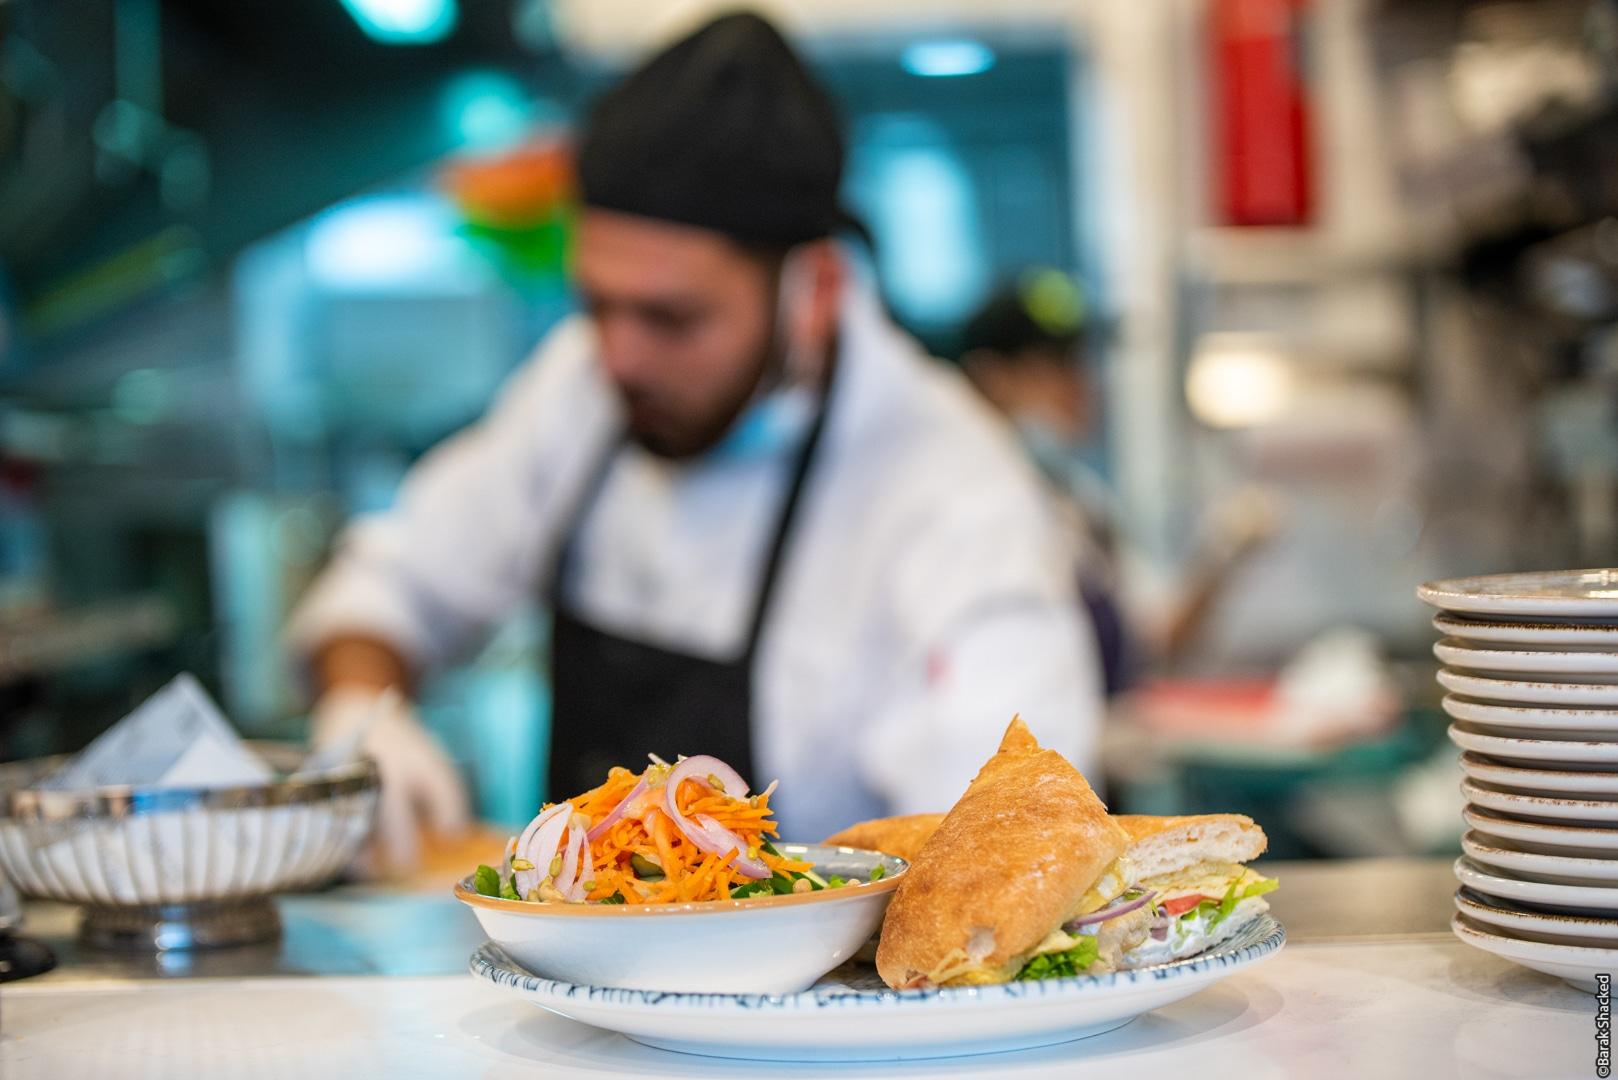 צילום מטבח מסעדה